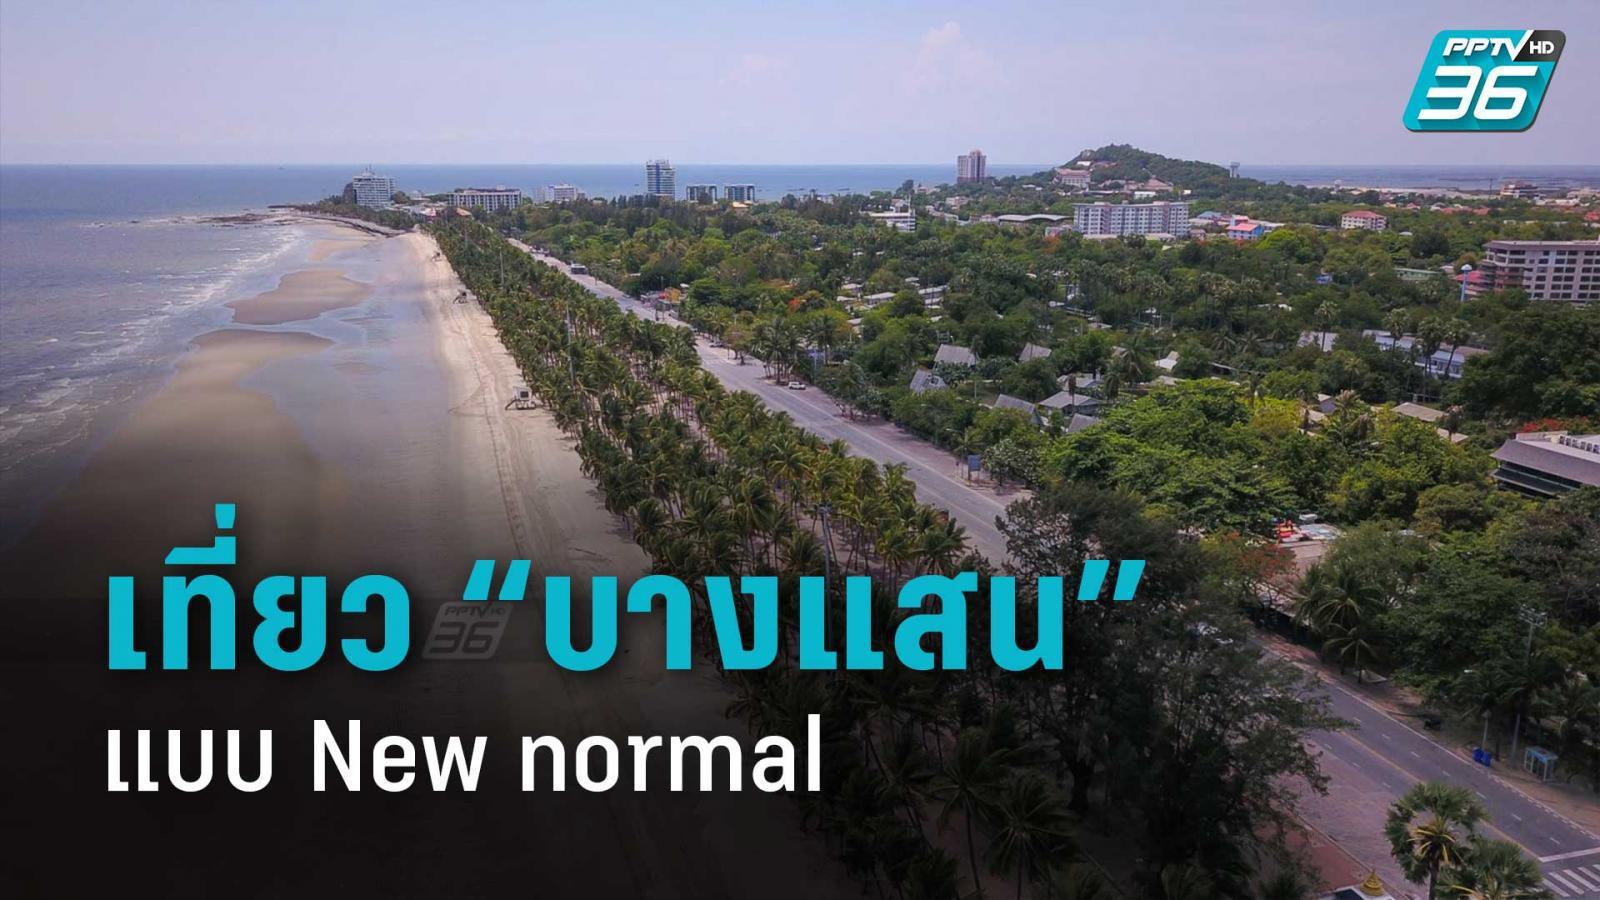 """คาดเปิดหาด 1 มิ.ย.นี้ เที่ยว """"บางแสน""""แบบ New normal"""